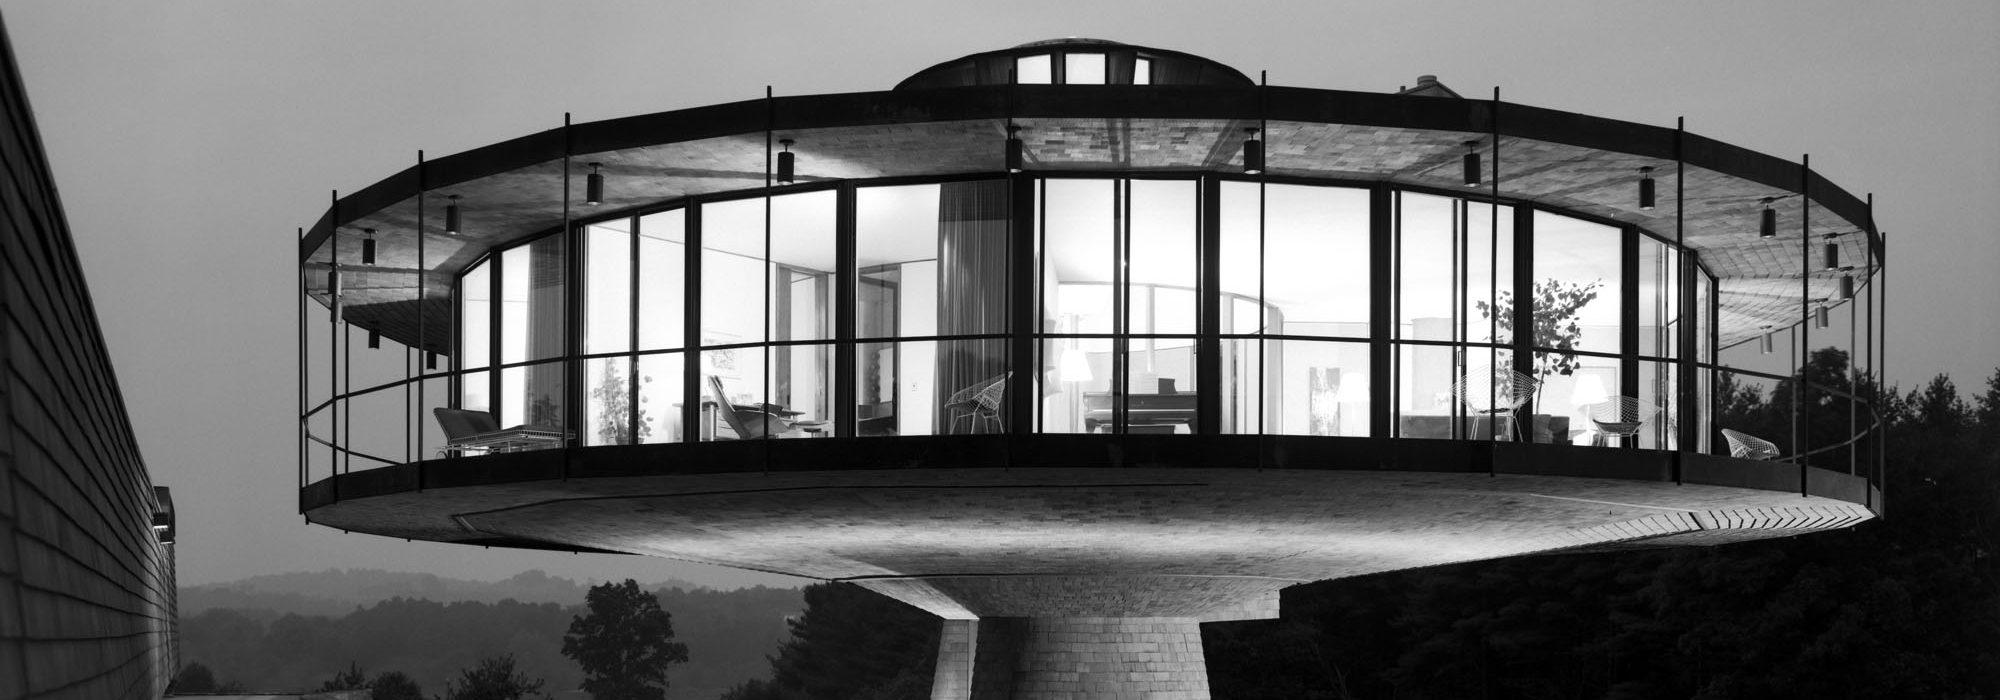 The Round House Richard Foster House (Spaceship House), Location: Wilton CT, Architect: Richard Foster, © Ezra Stoller / Esto